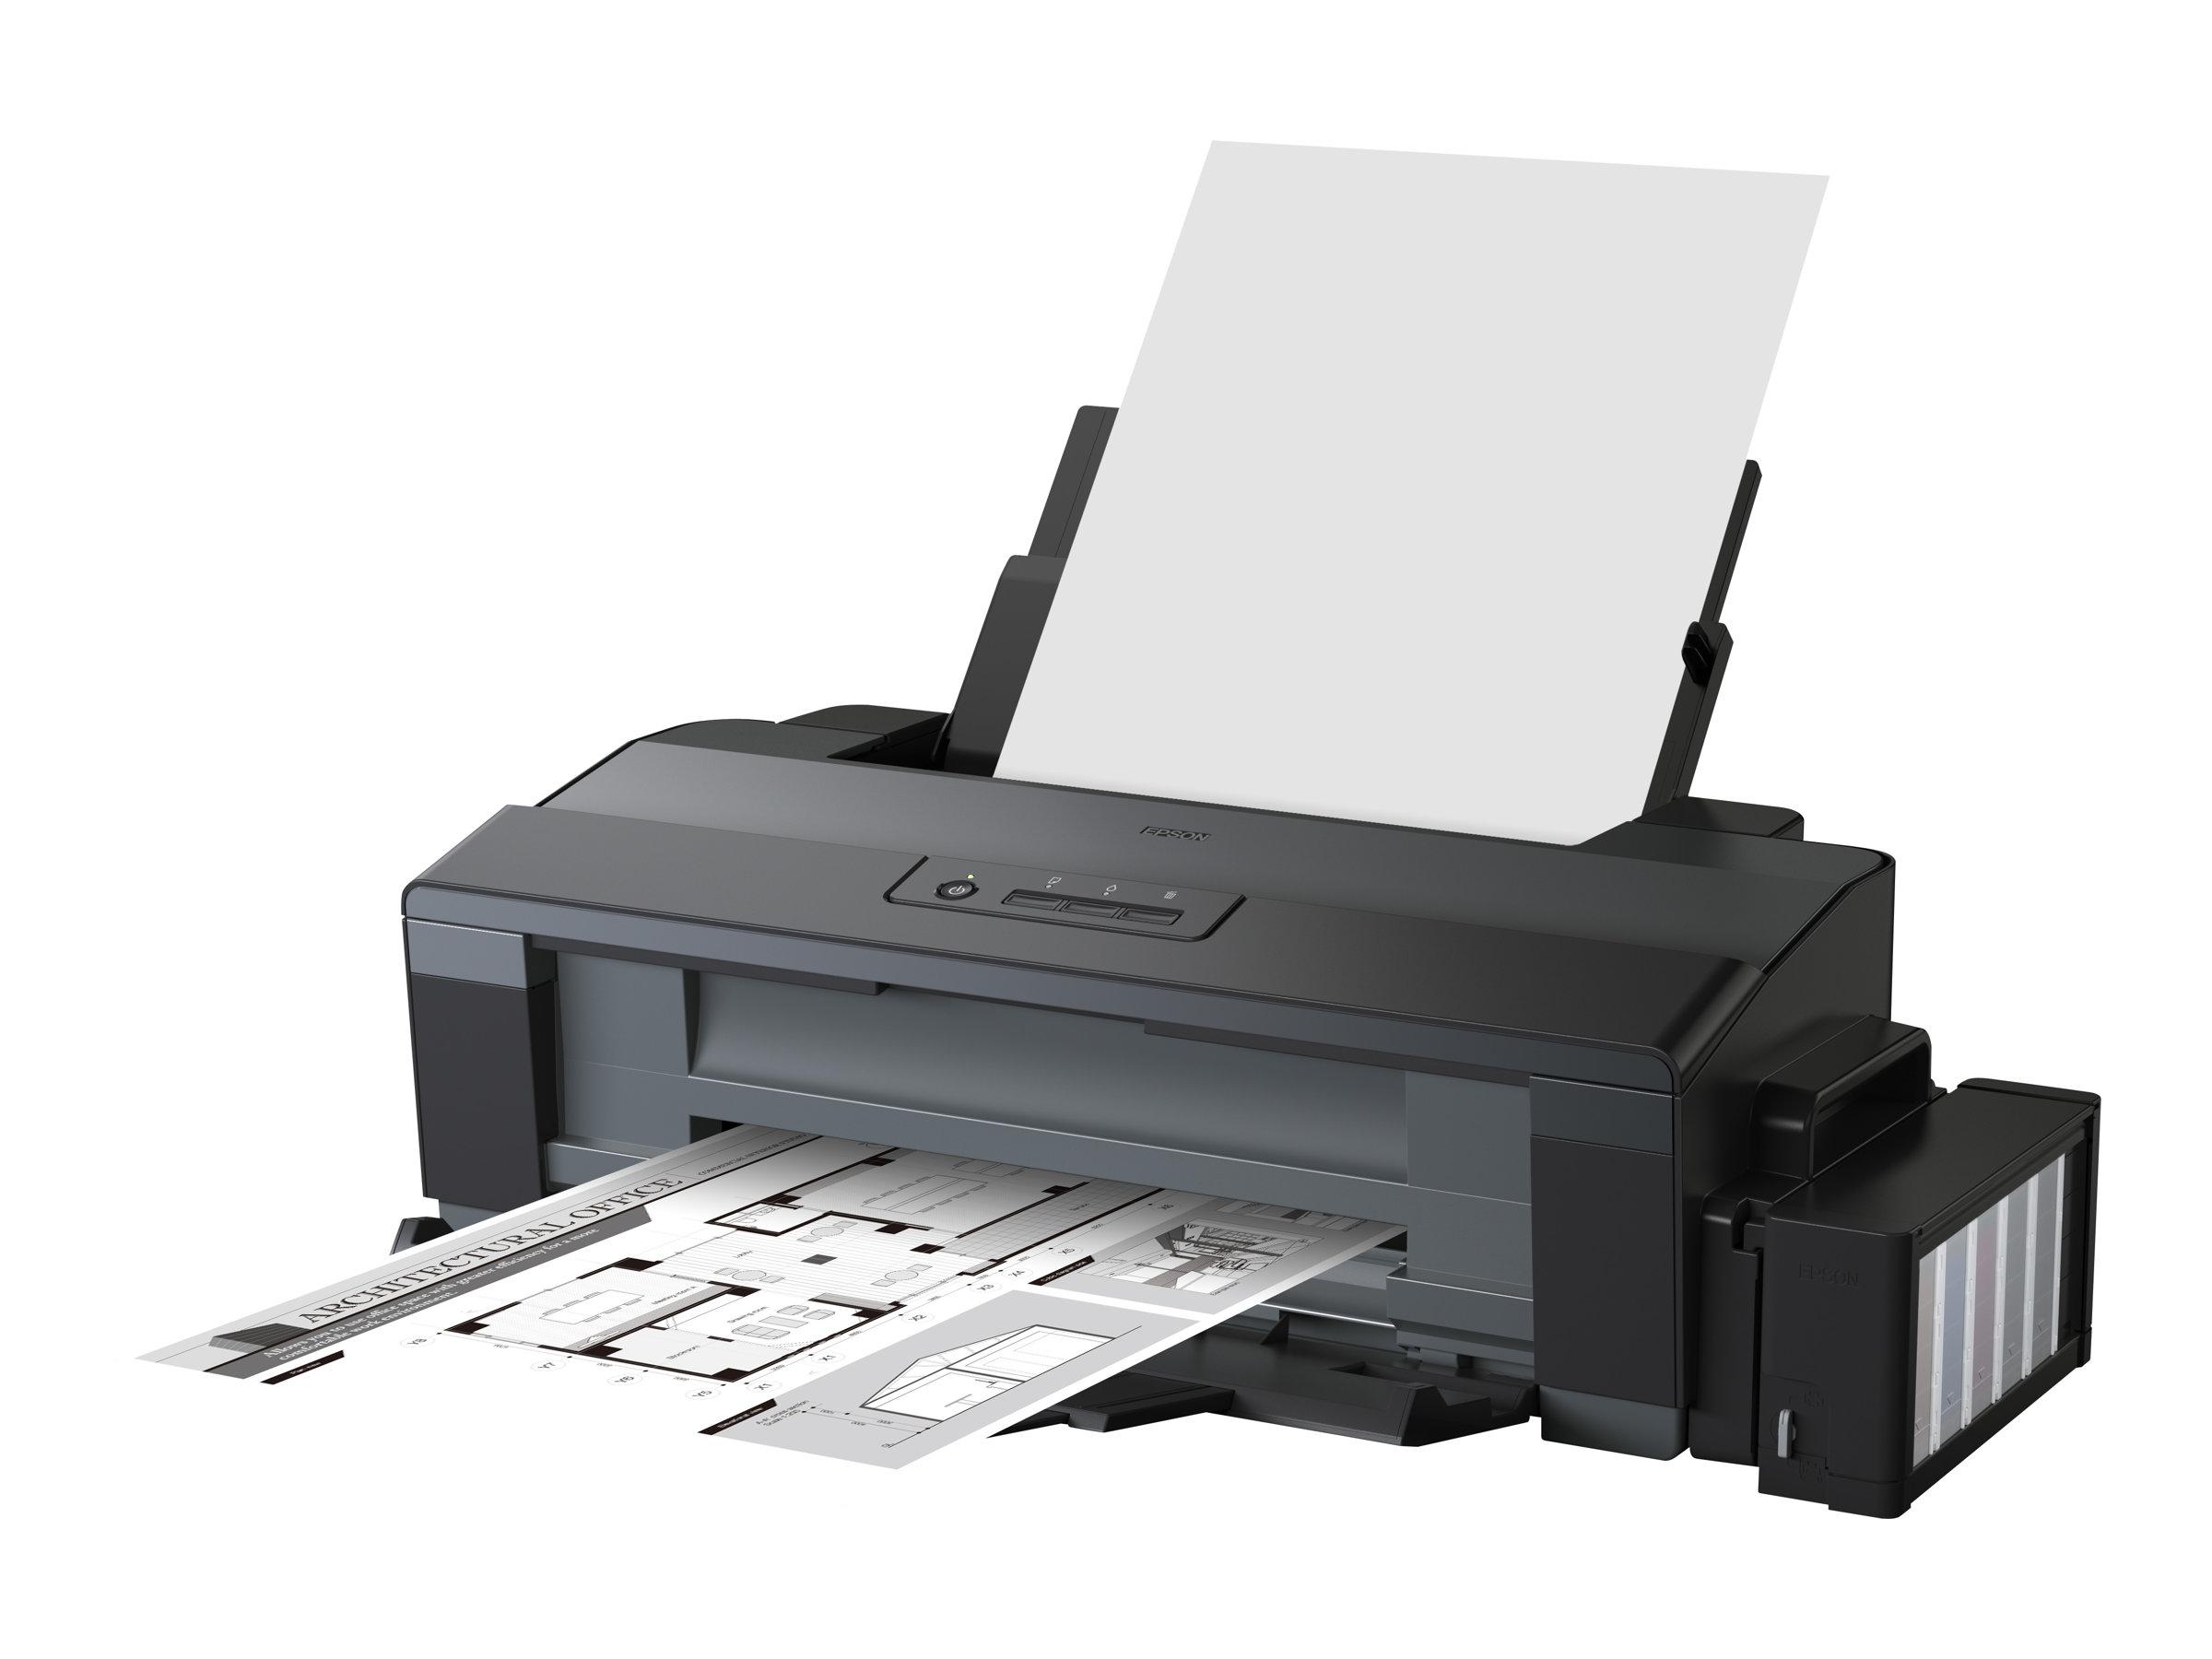 Epson EcoTank ET-14000 - Drucker - Farbe - Tintenstrahl - A3 - 5760 x 1440 dpi - bis zu 30 Seiten/Min. (einfarbig)/